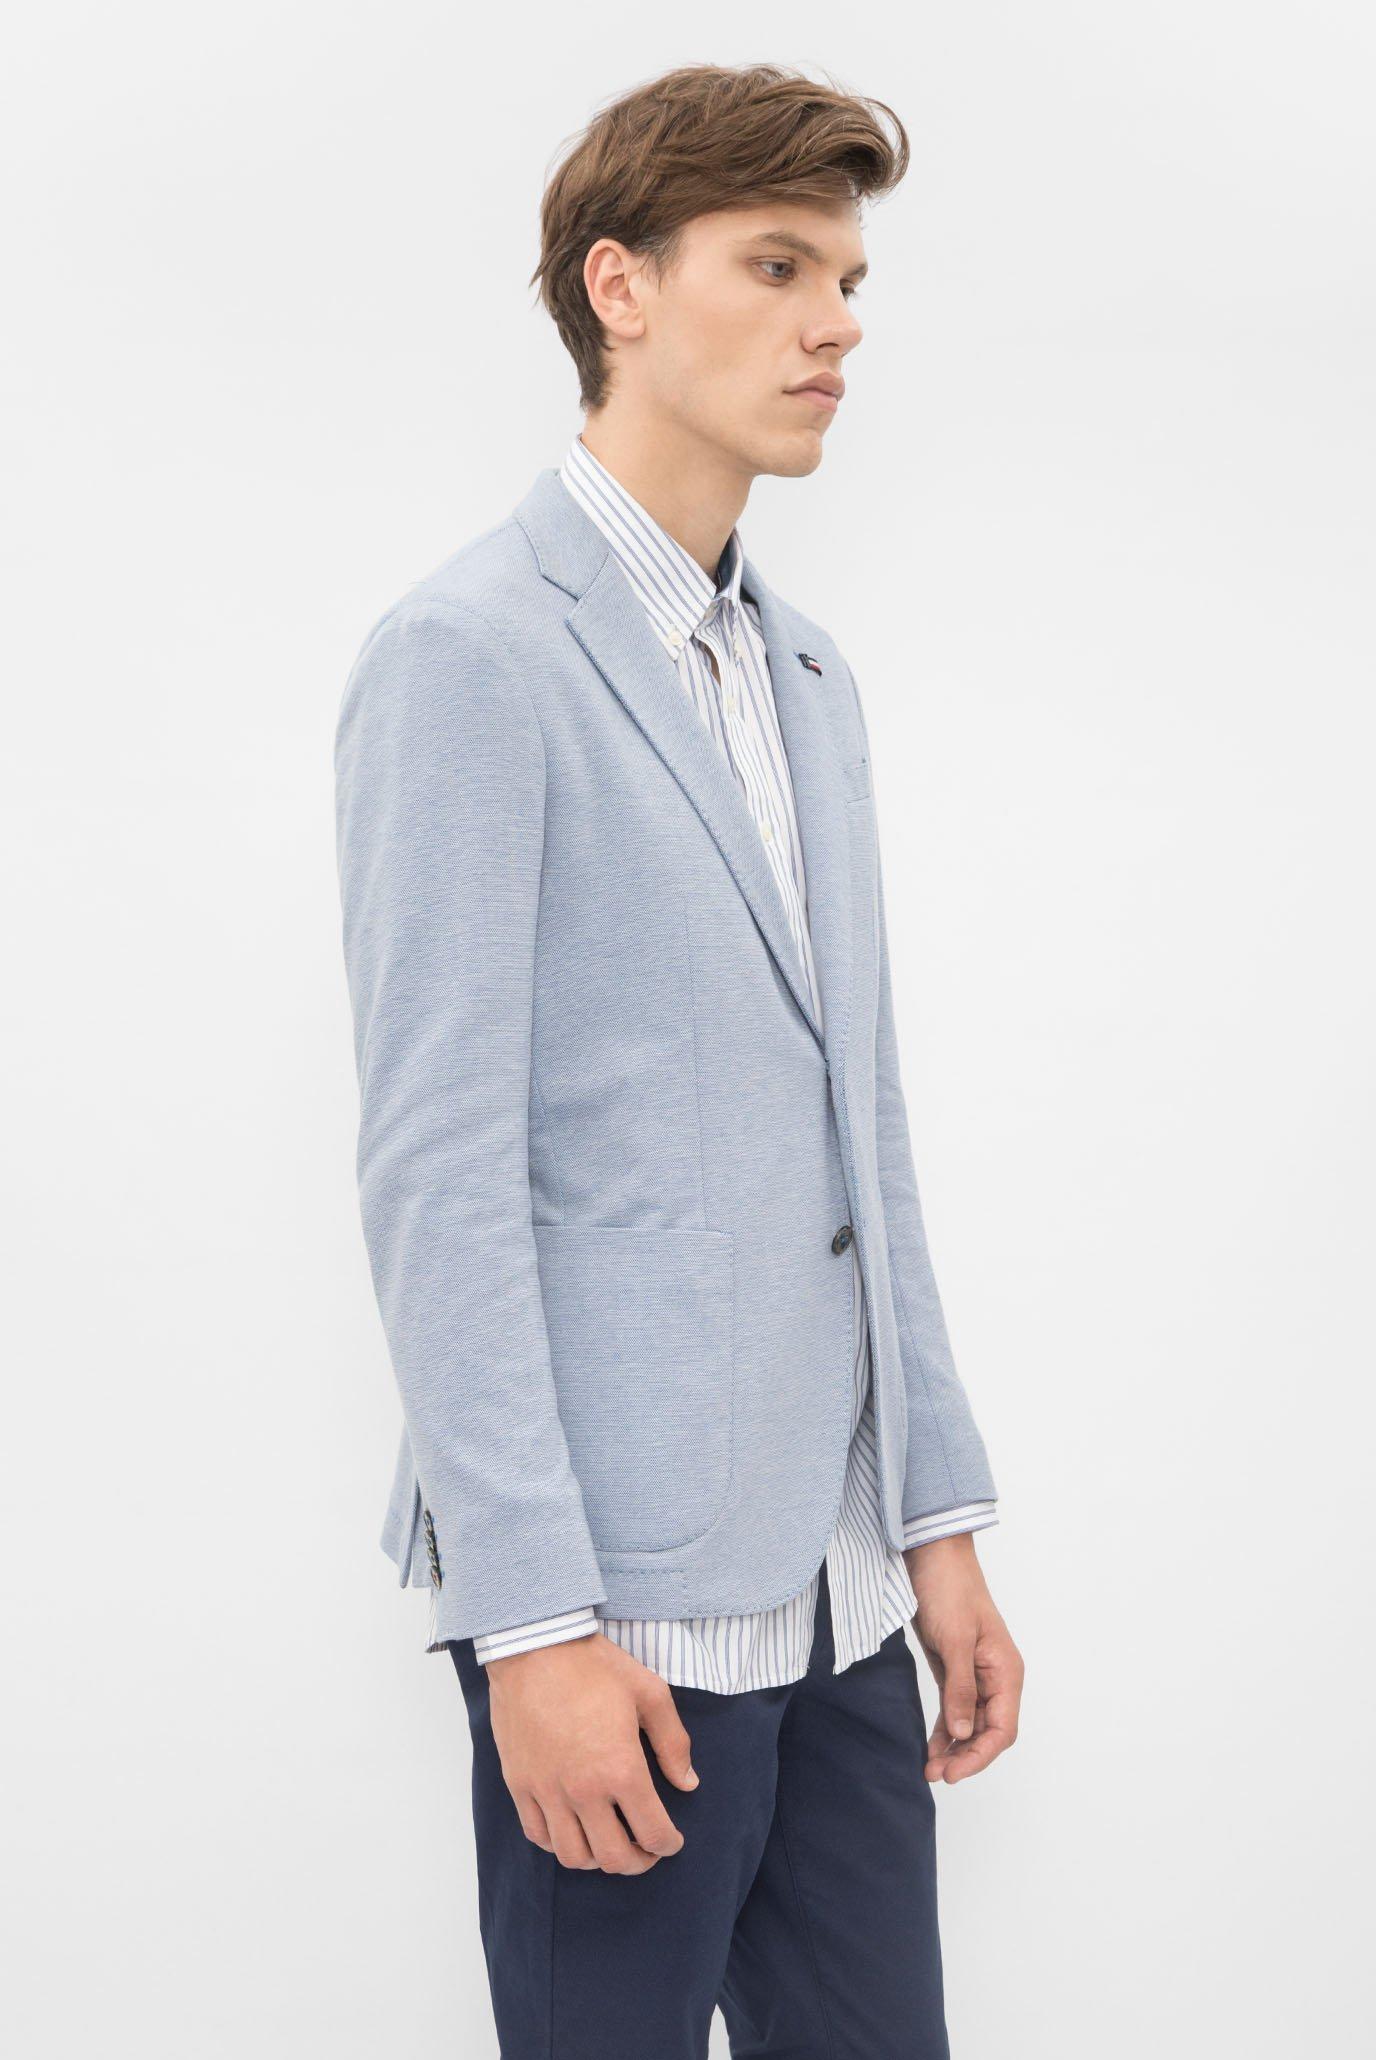 Купить Мужской голубой пиджак Tommy Hilfiger Tommy Hilfiger MW0MW00532 – Киев, Украина. Цены в интернет магазине MD Fashion